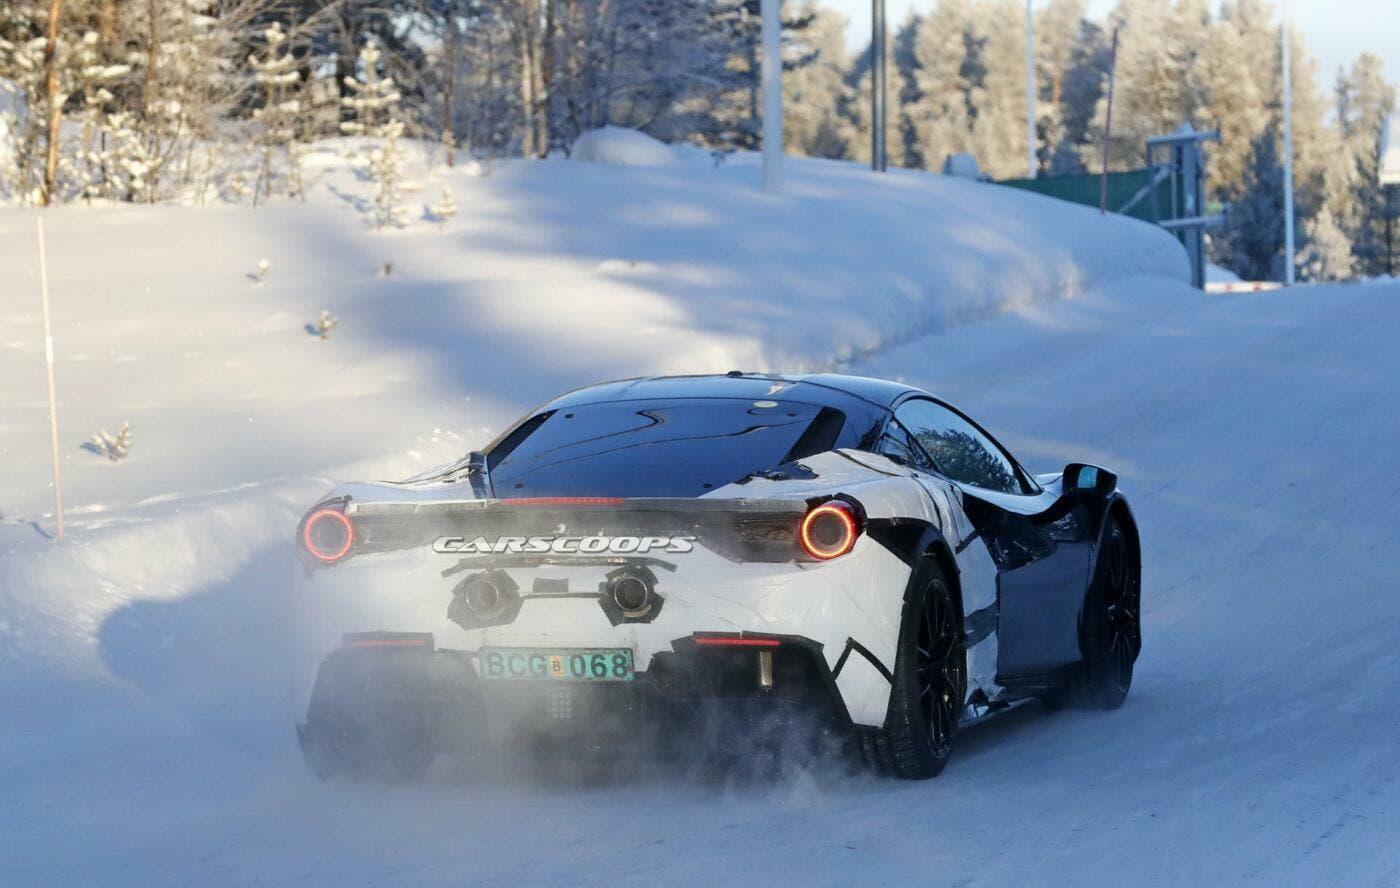 ferrari  avvistata la nuova supercar ibrida con motore v6